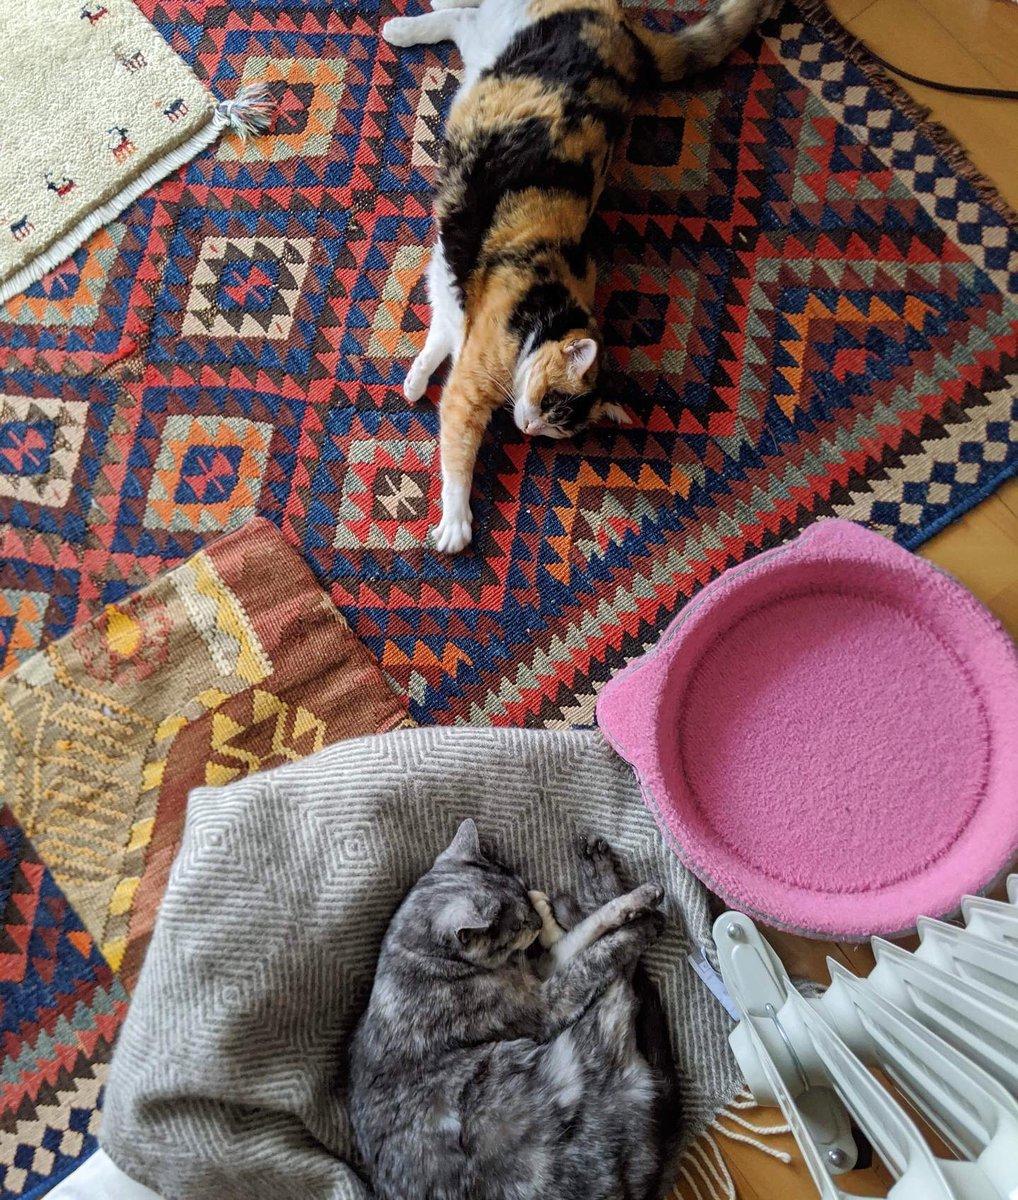 平和にお昼寝しているはずだったのに。ぐりたん、ベスポジを死守する。 #cat #ねこ #なかよしねこ #三毛猫 #グレーサビ #さび猫